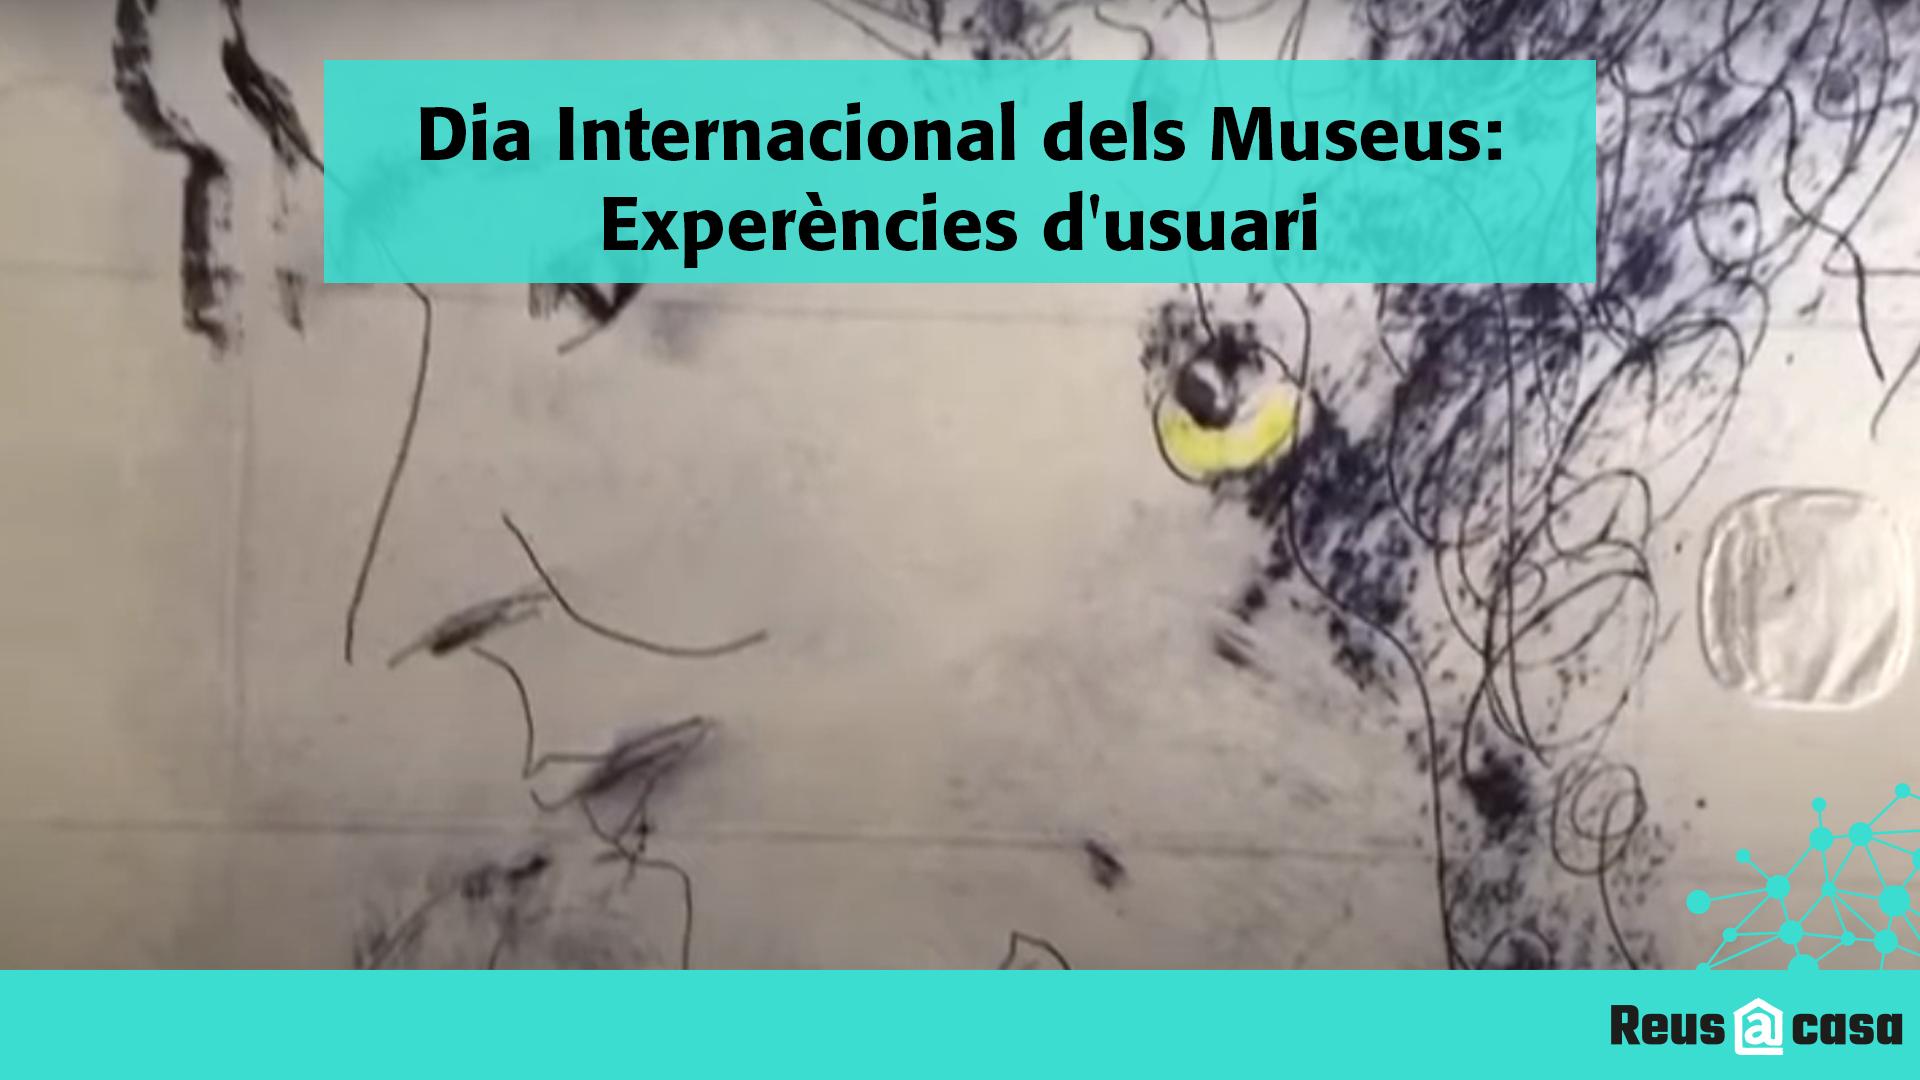 Dia Internacional dels Museus: Experències d'usuari del Museu de Reus